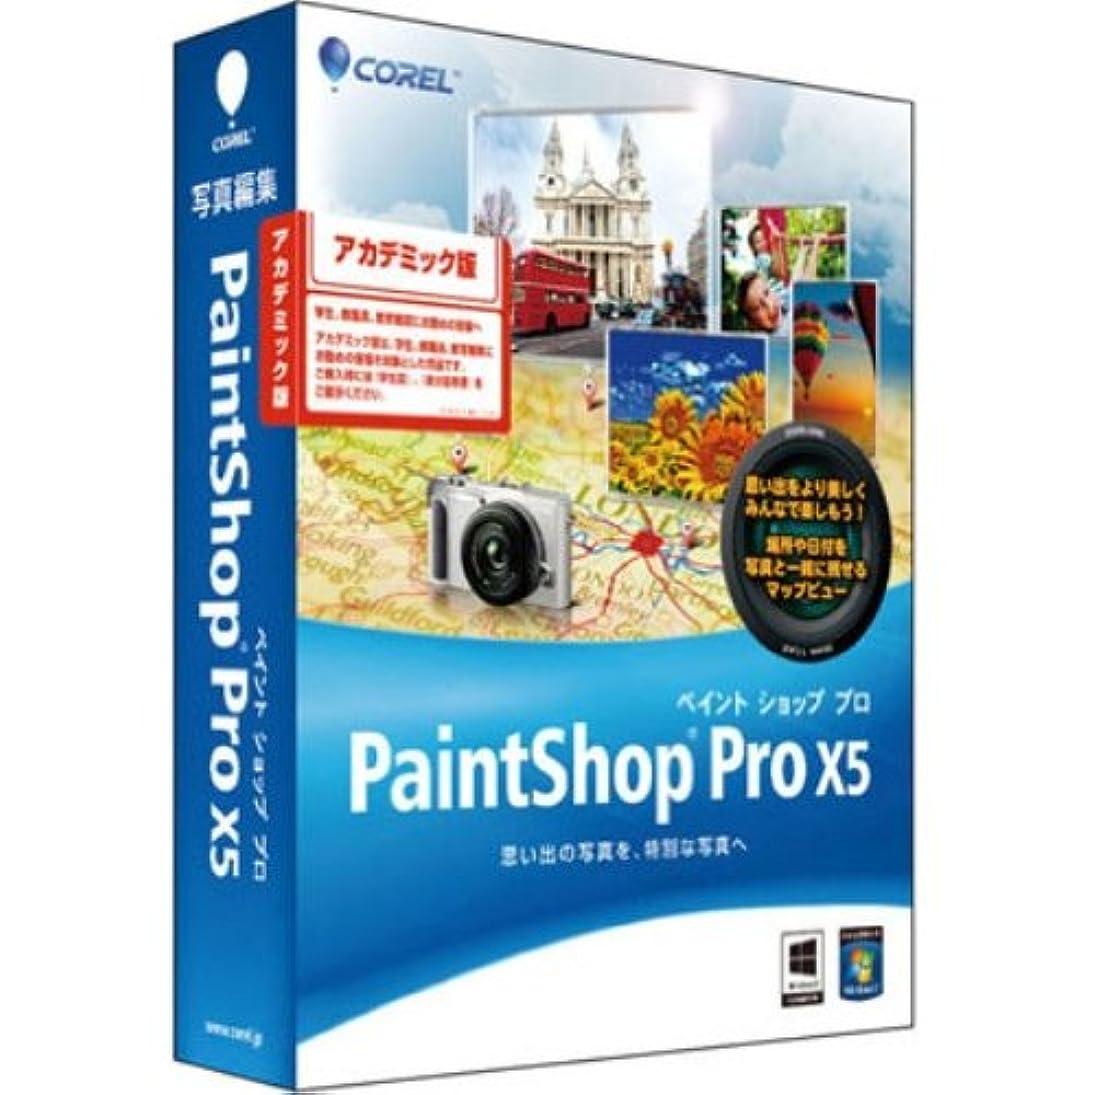 Corel PaintShop Pro X5 アカデミック版